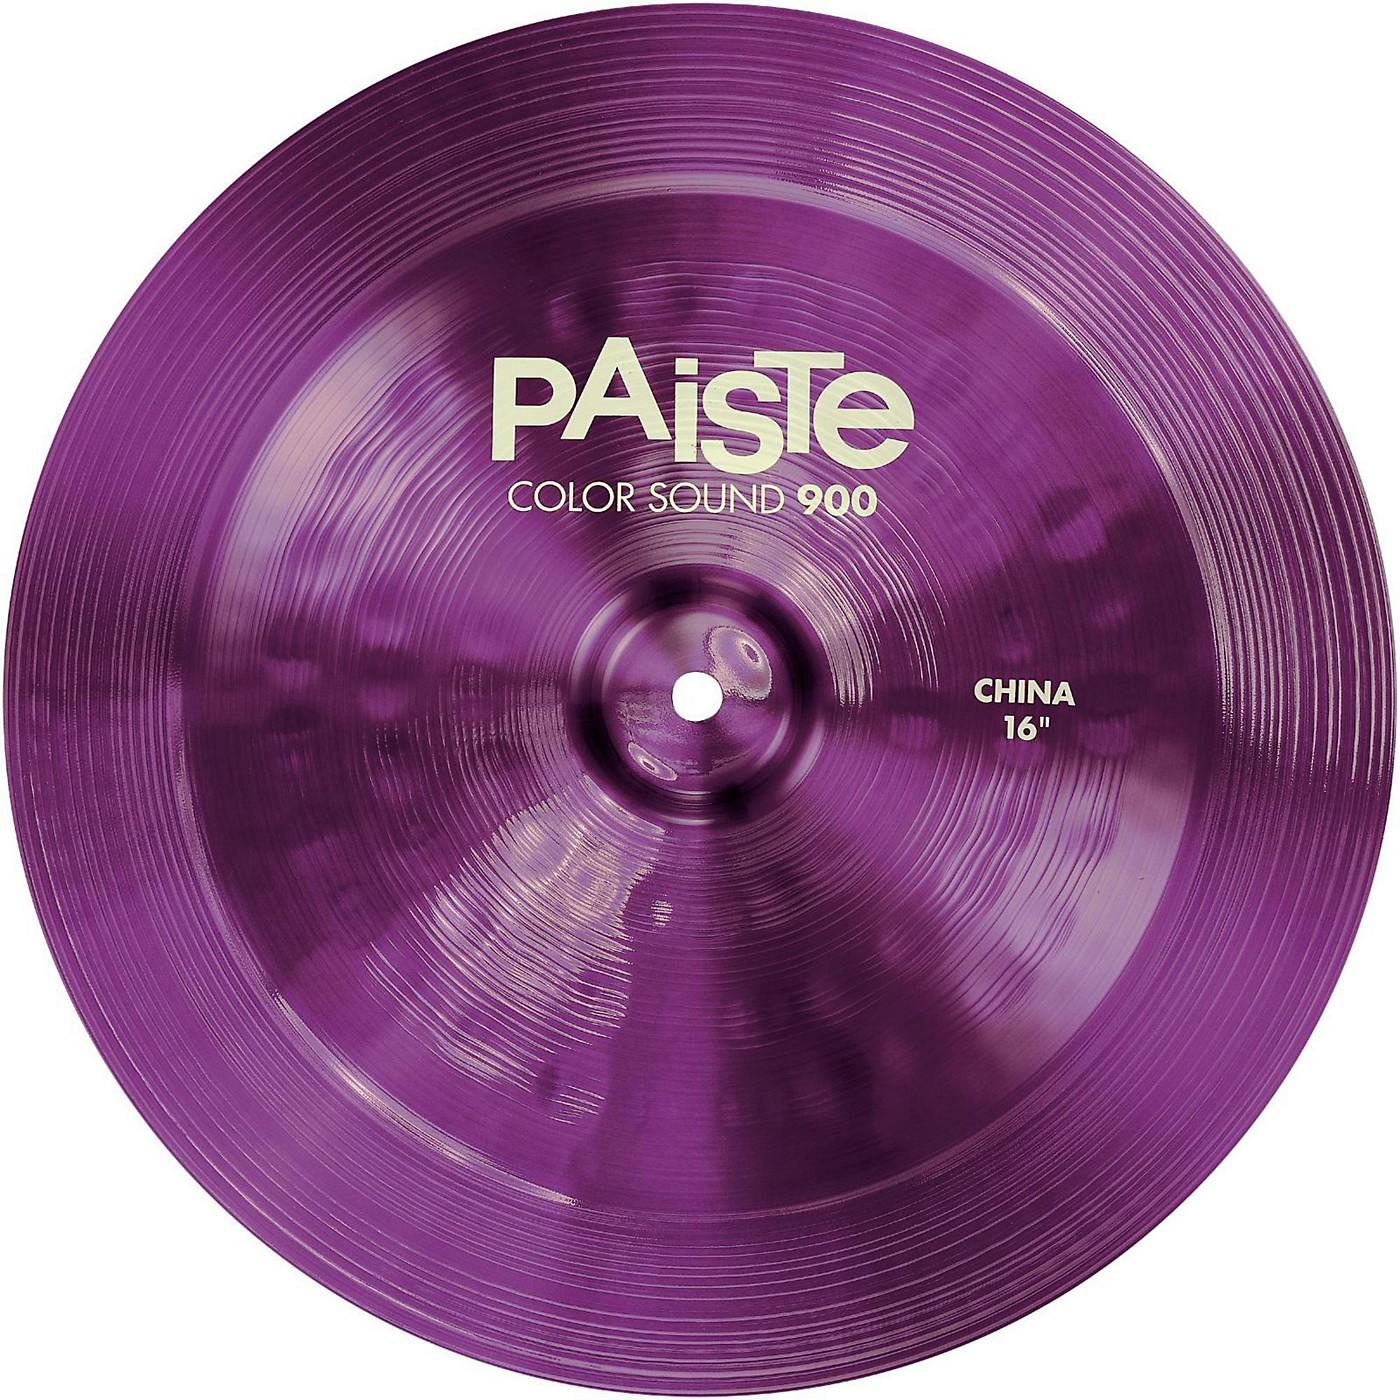 Paiste Colorsound 900 China Cymbal Purple thumbnail